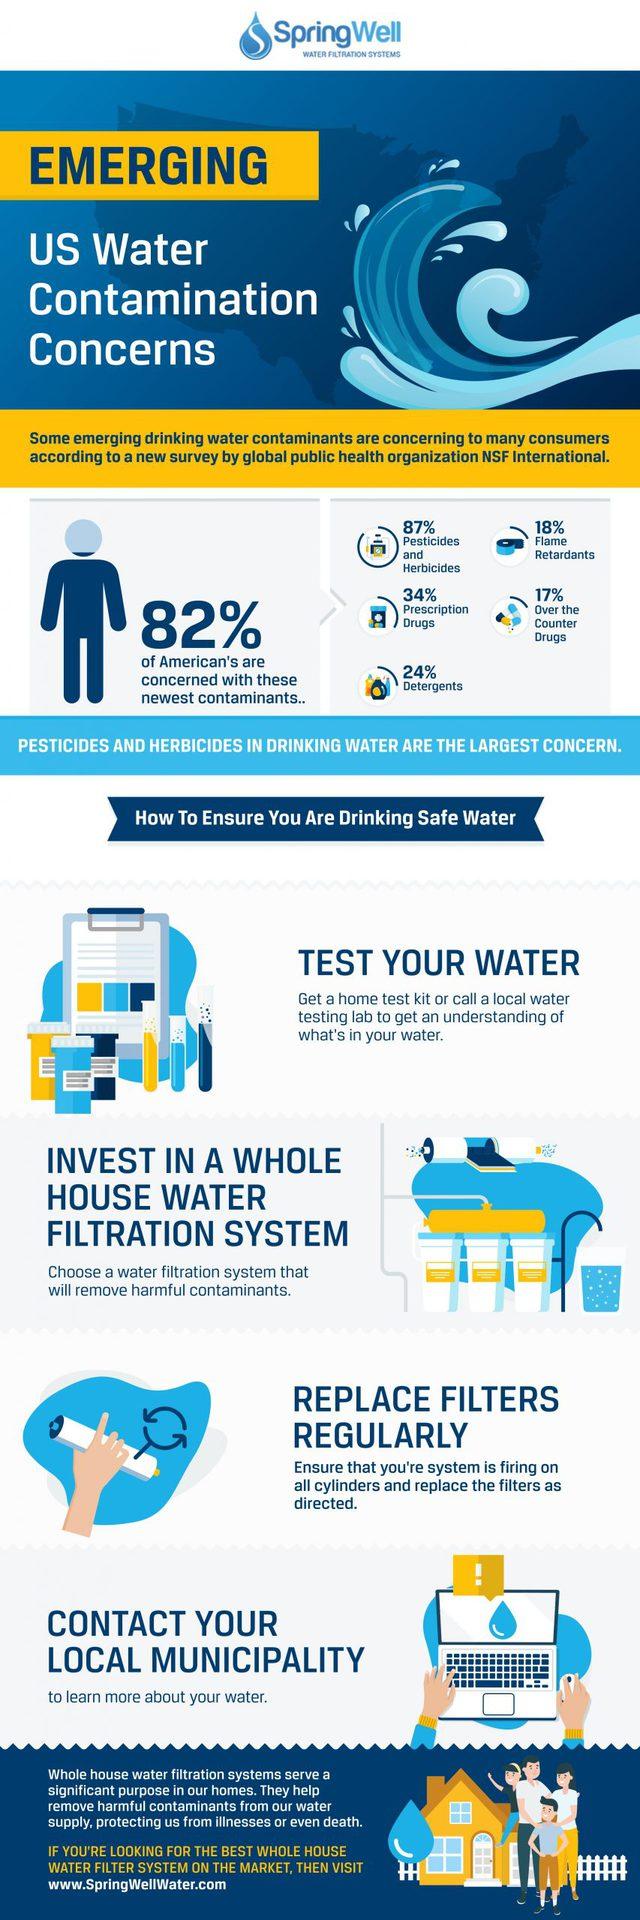 US Water Contamination Concerns